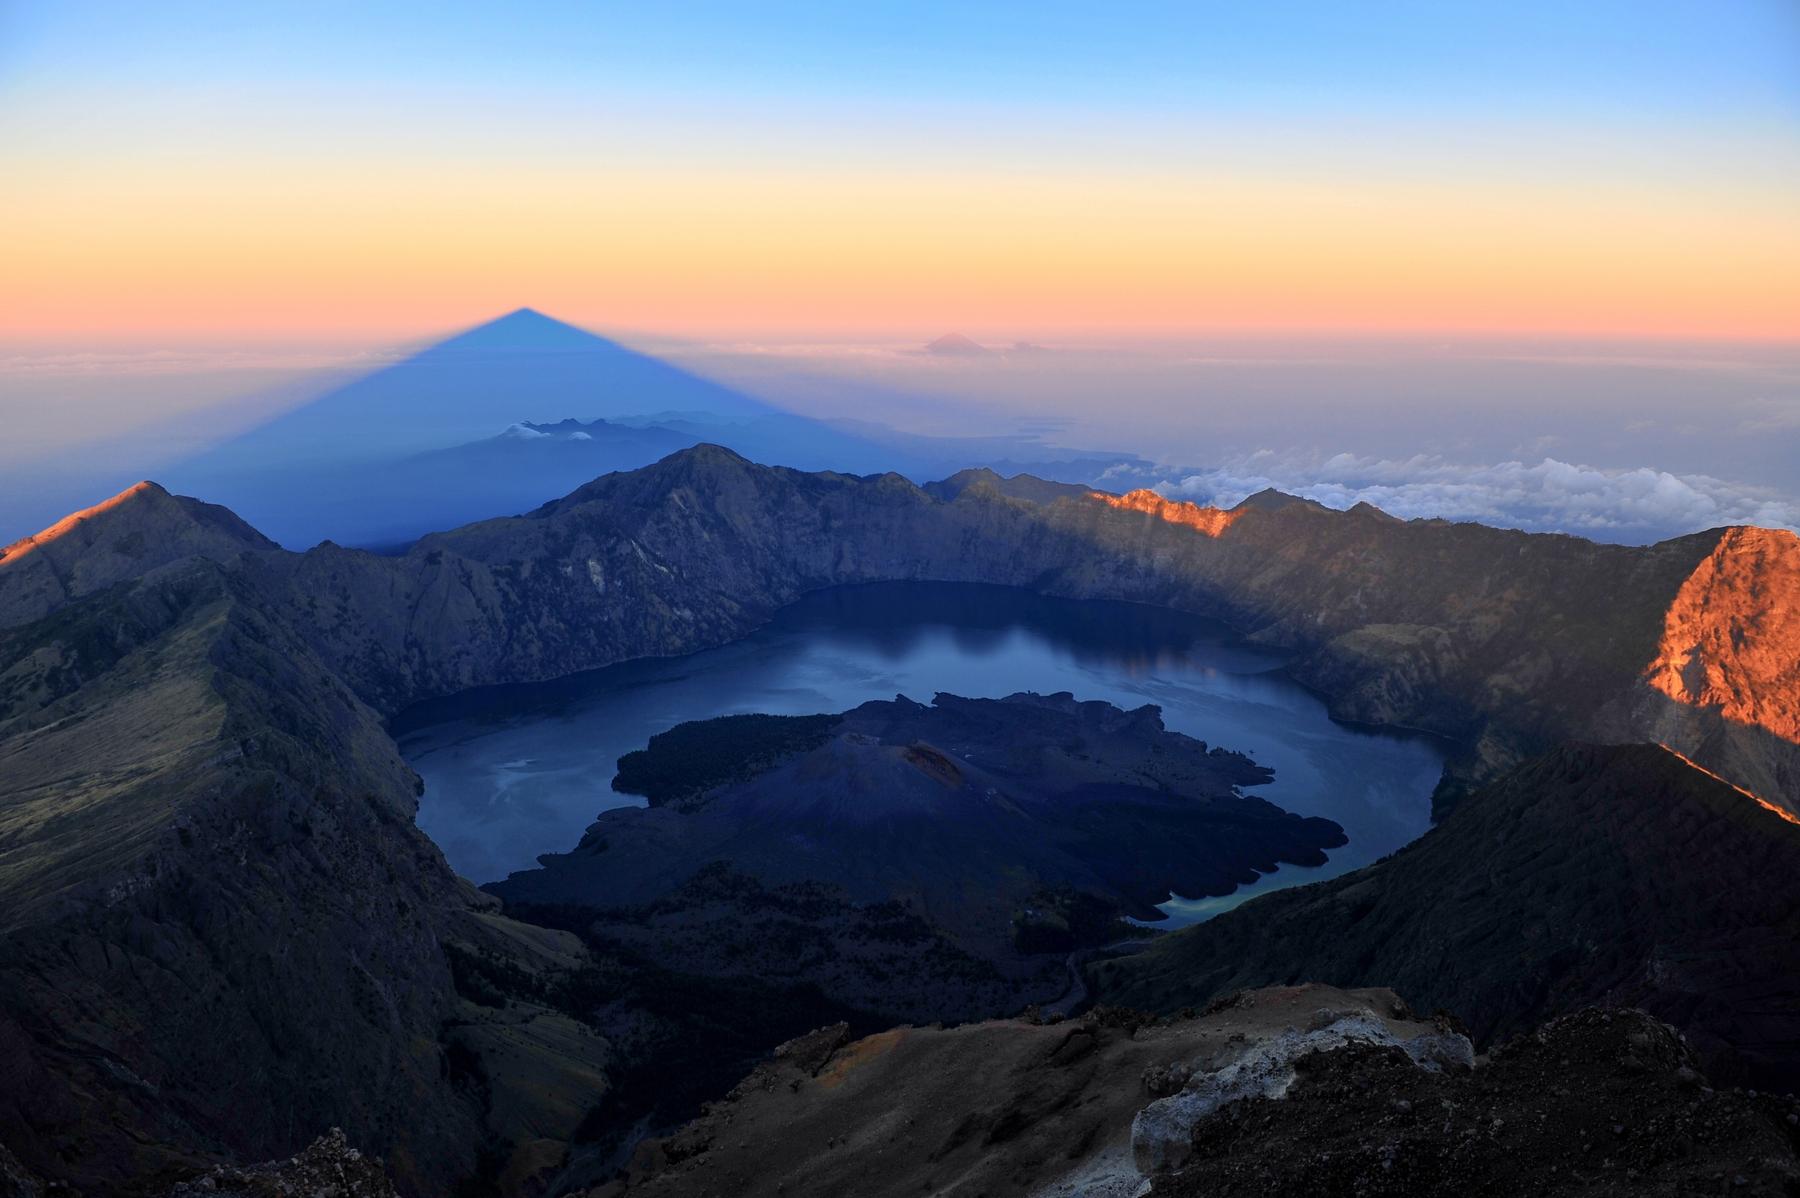 Mount Rinjani Indonesia